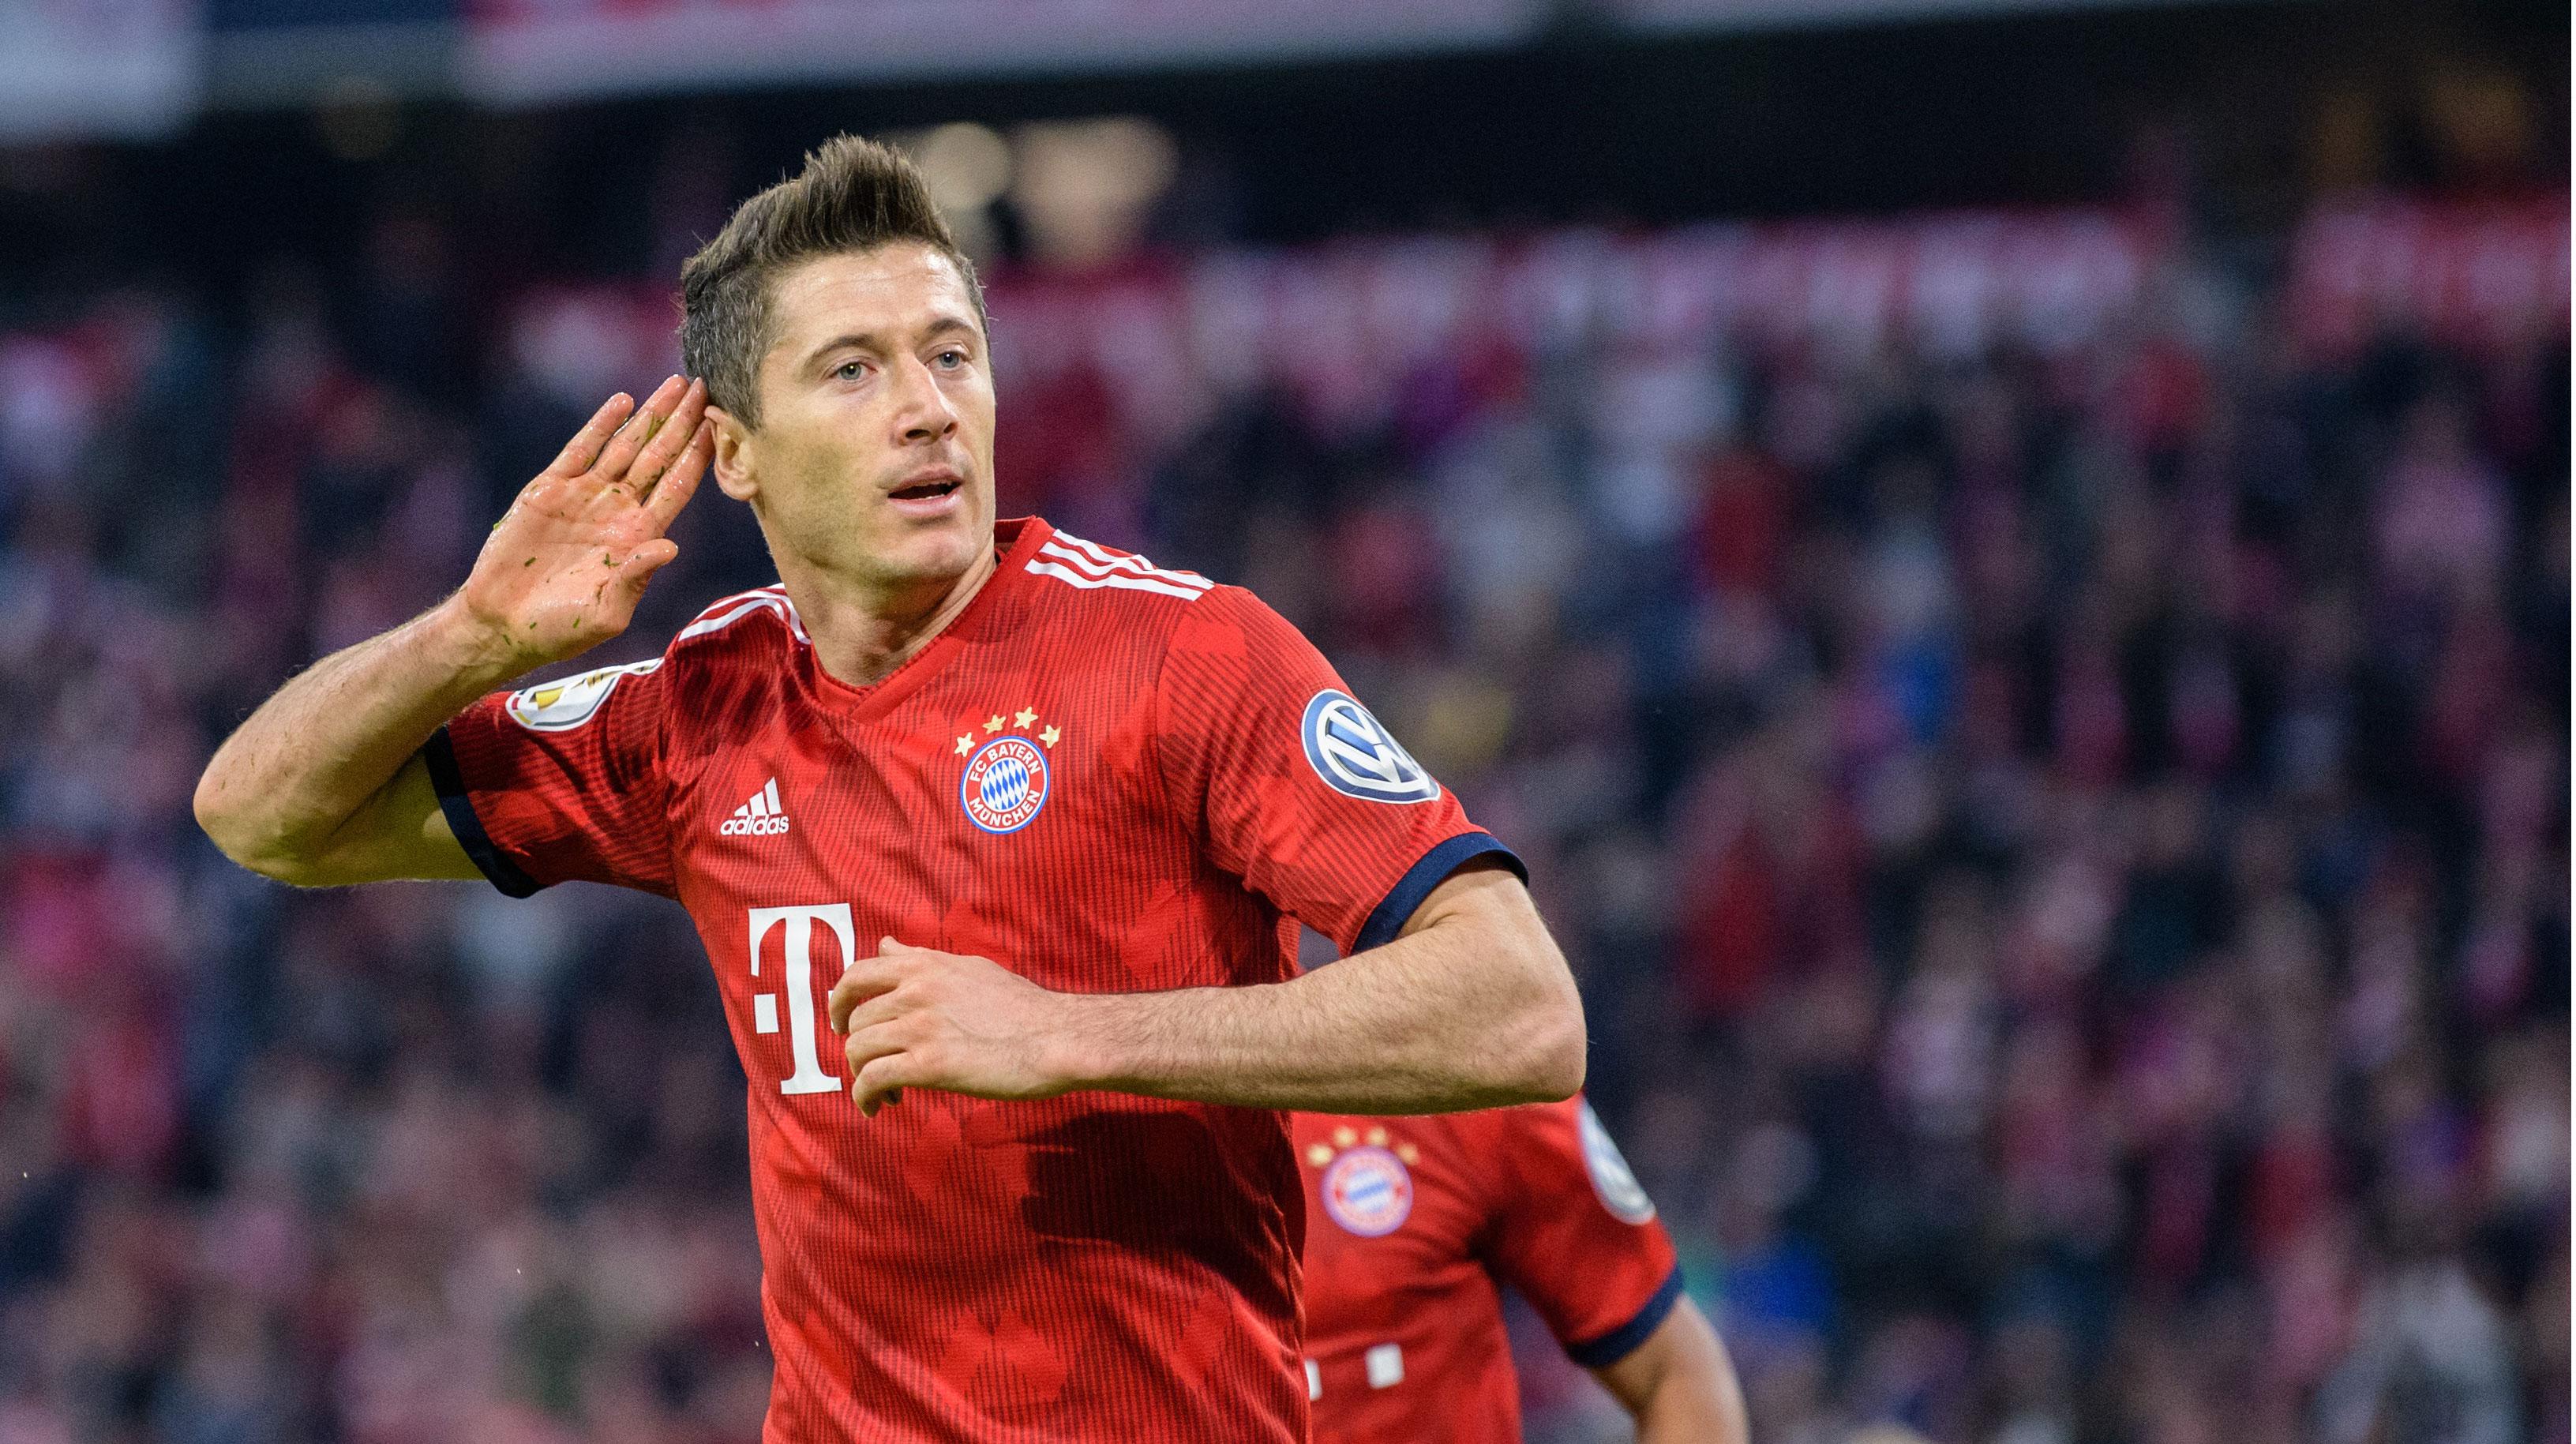 Lewandowski a reçu des offres de transferts: deux grosses équipes sur l'attaquant polonais